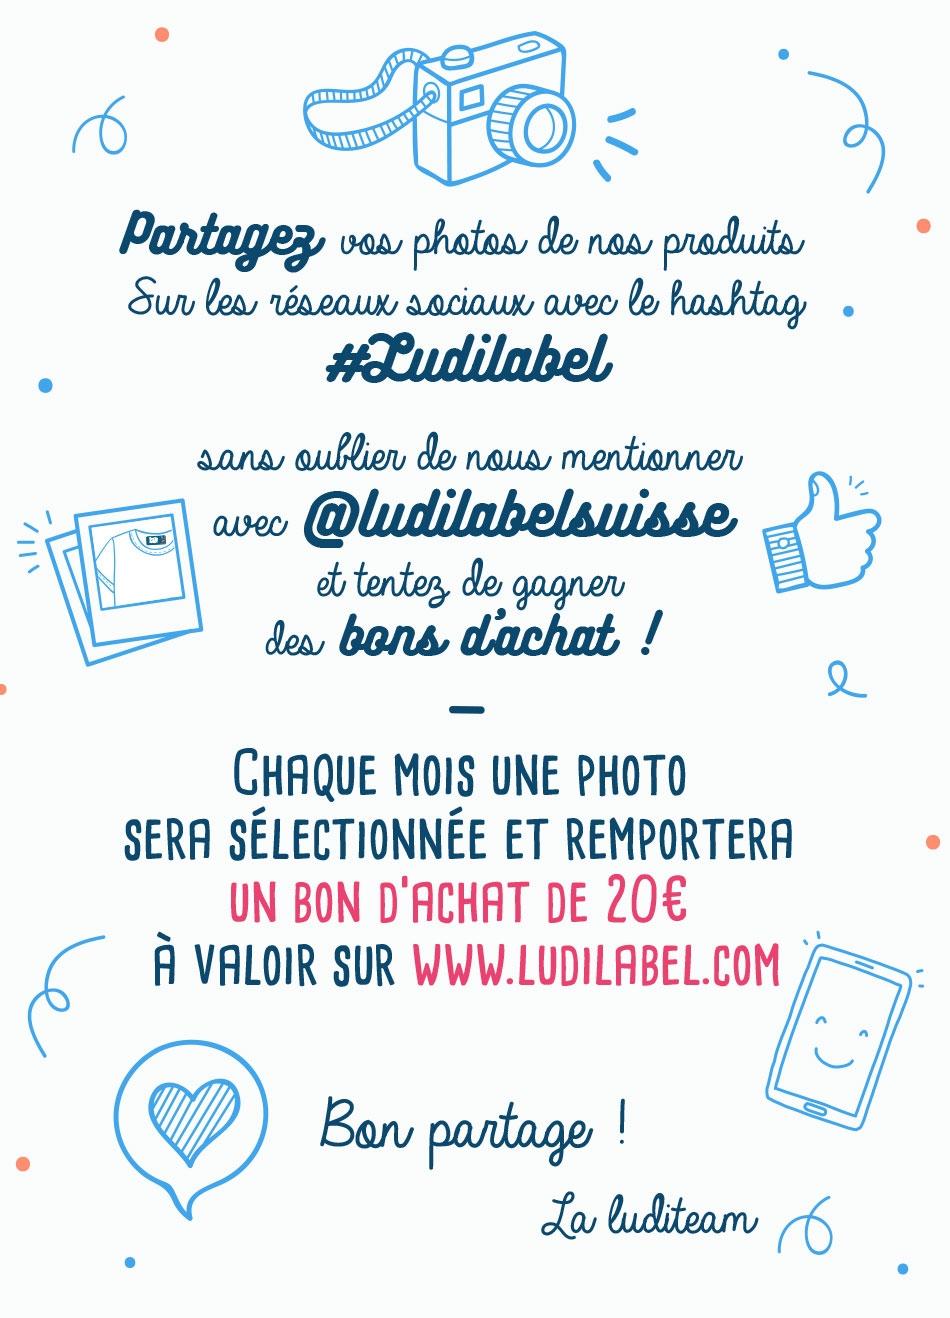 Partagez vos photos des produits Ludilabel sur les réseaux sociaux et tentez de remporter des bons d'achat de 20 euros à valoir sur www.ludilabel.ch